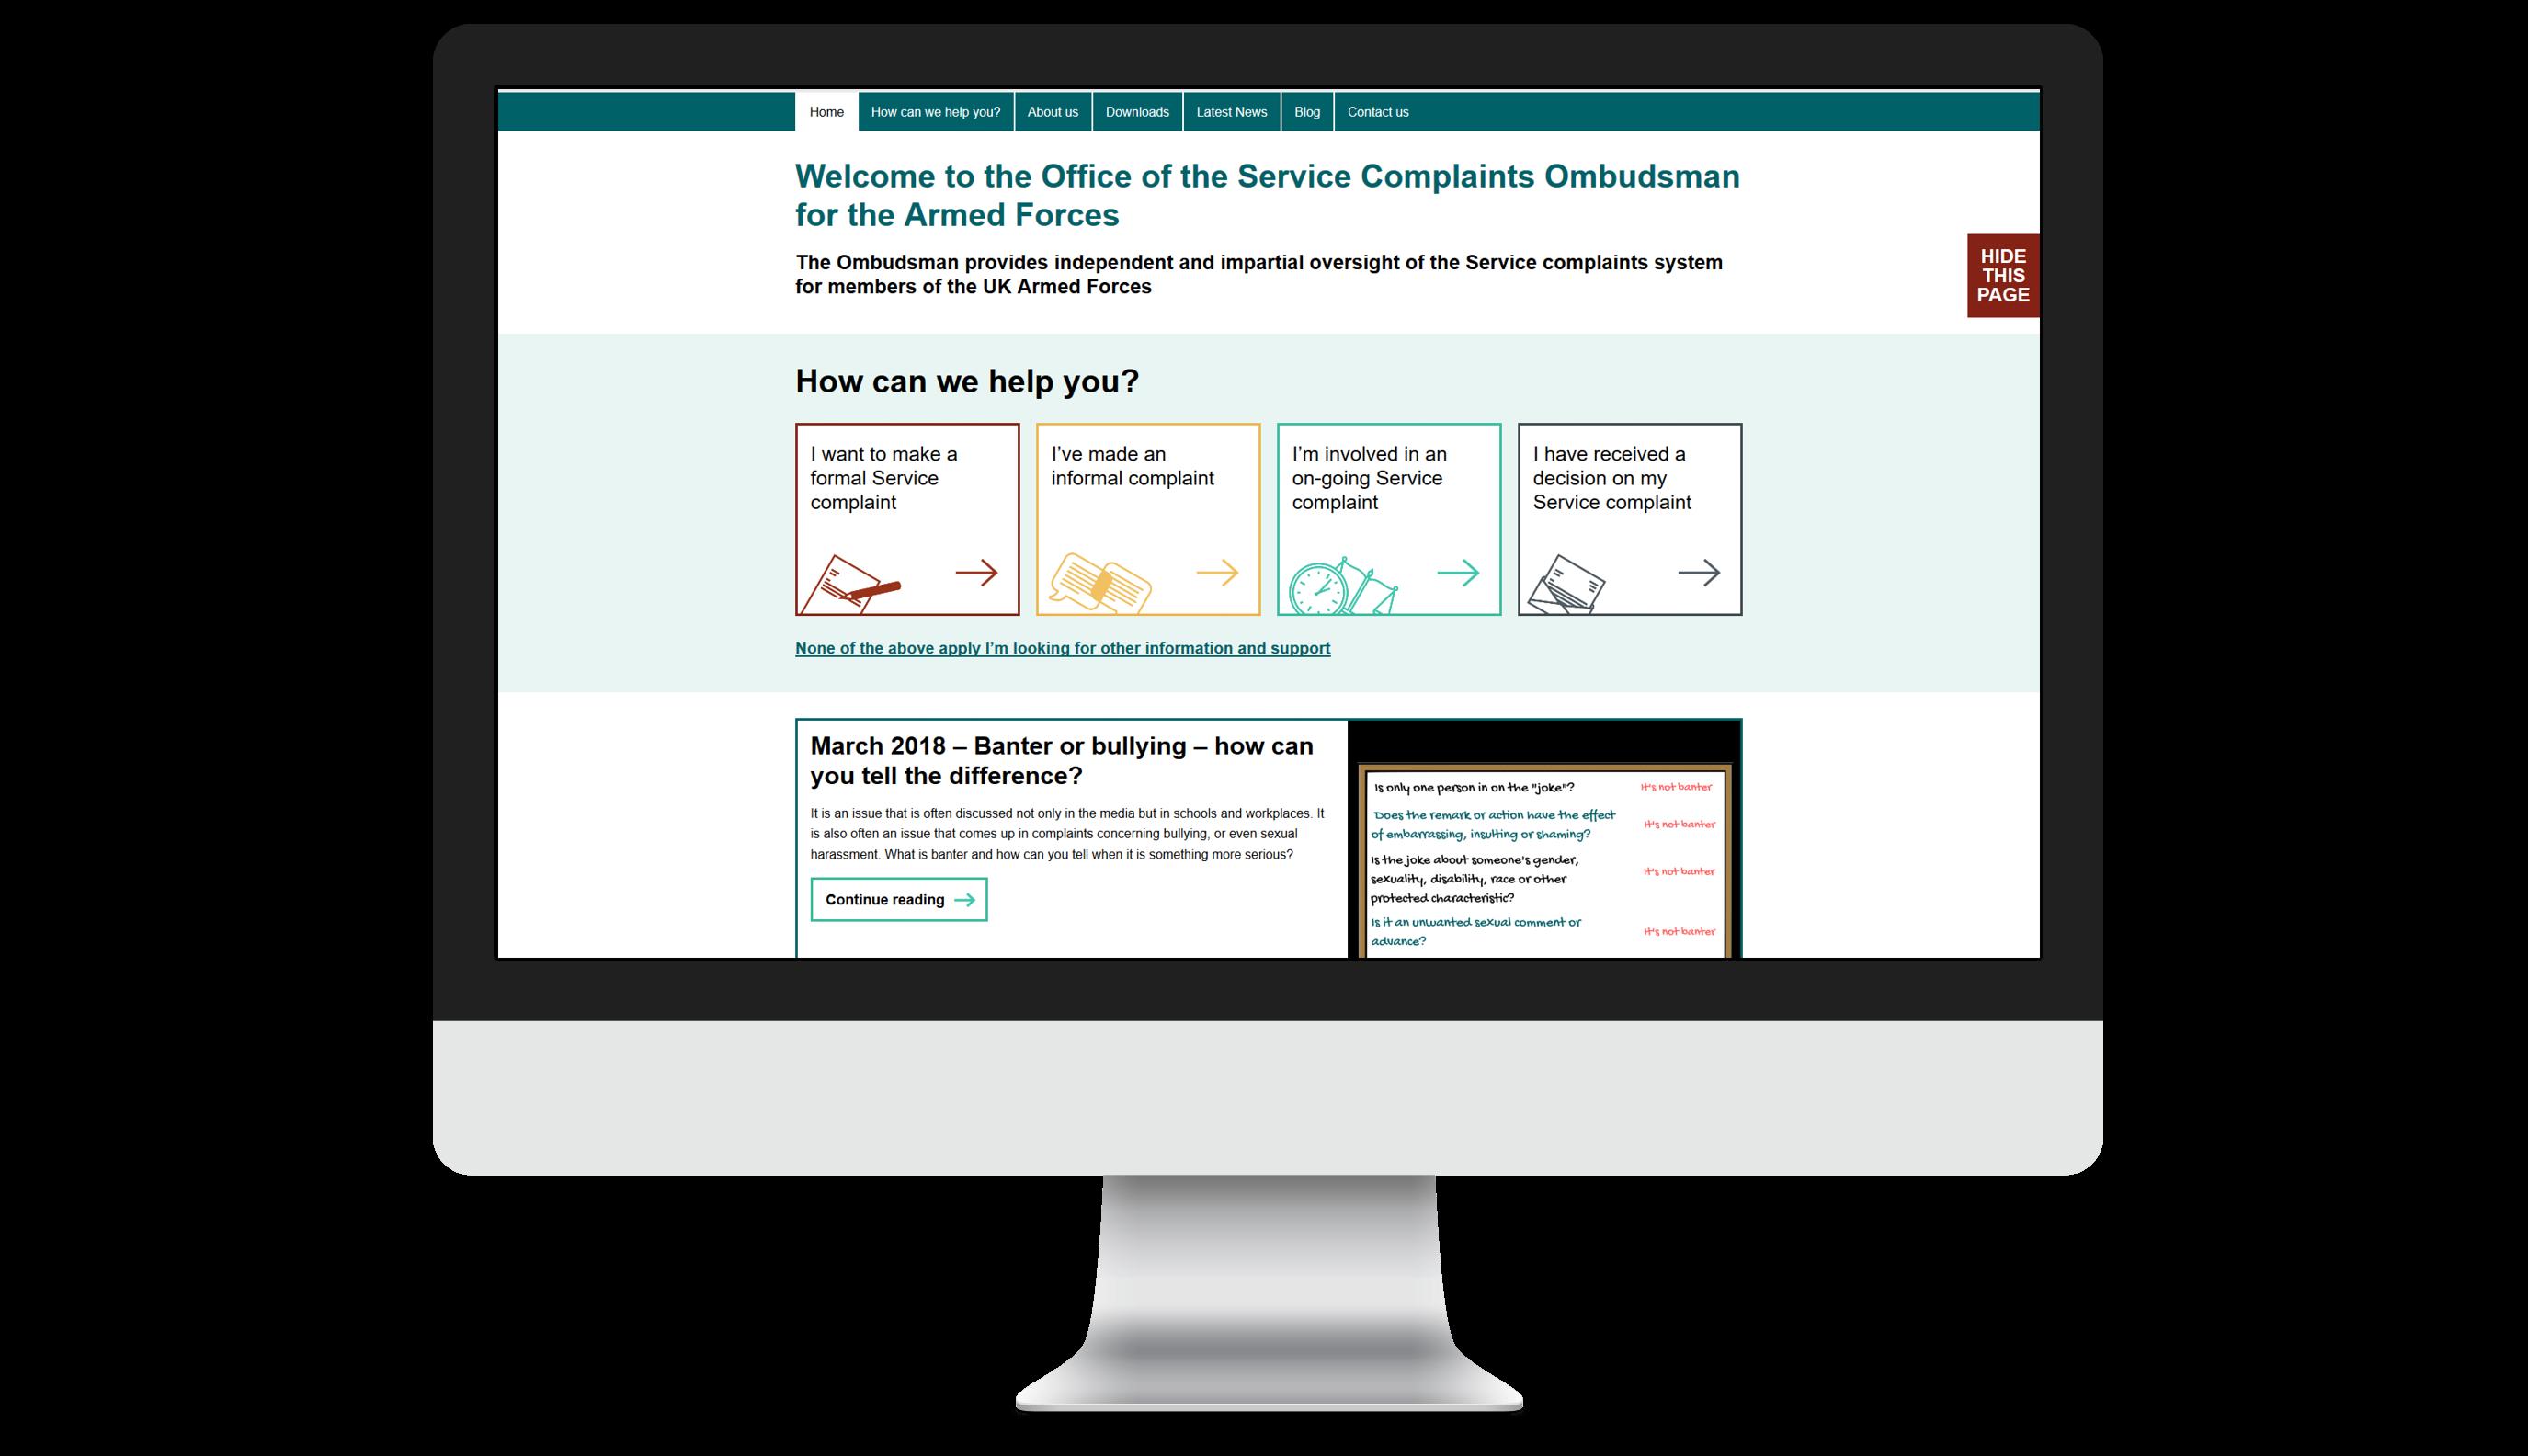 Service Complaints Ombudsman for the Armed Forces website displayed on desktop